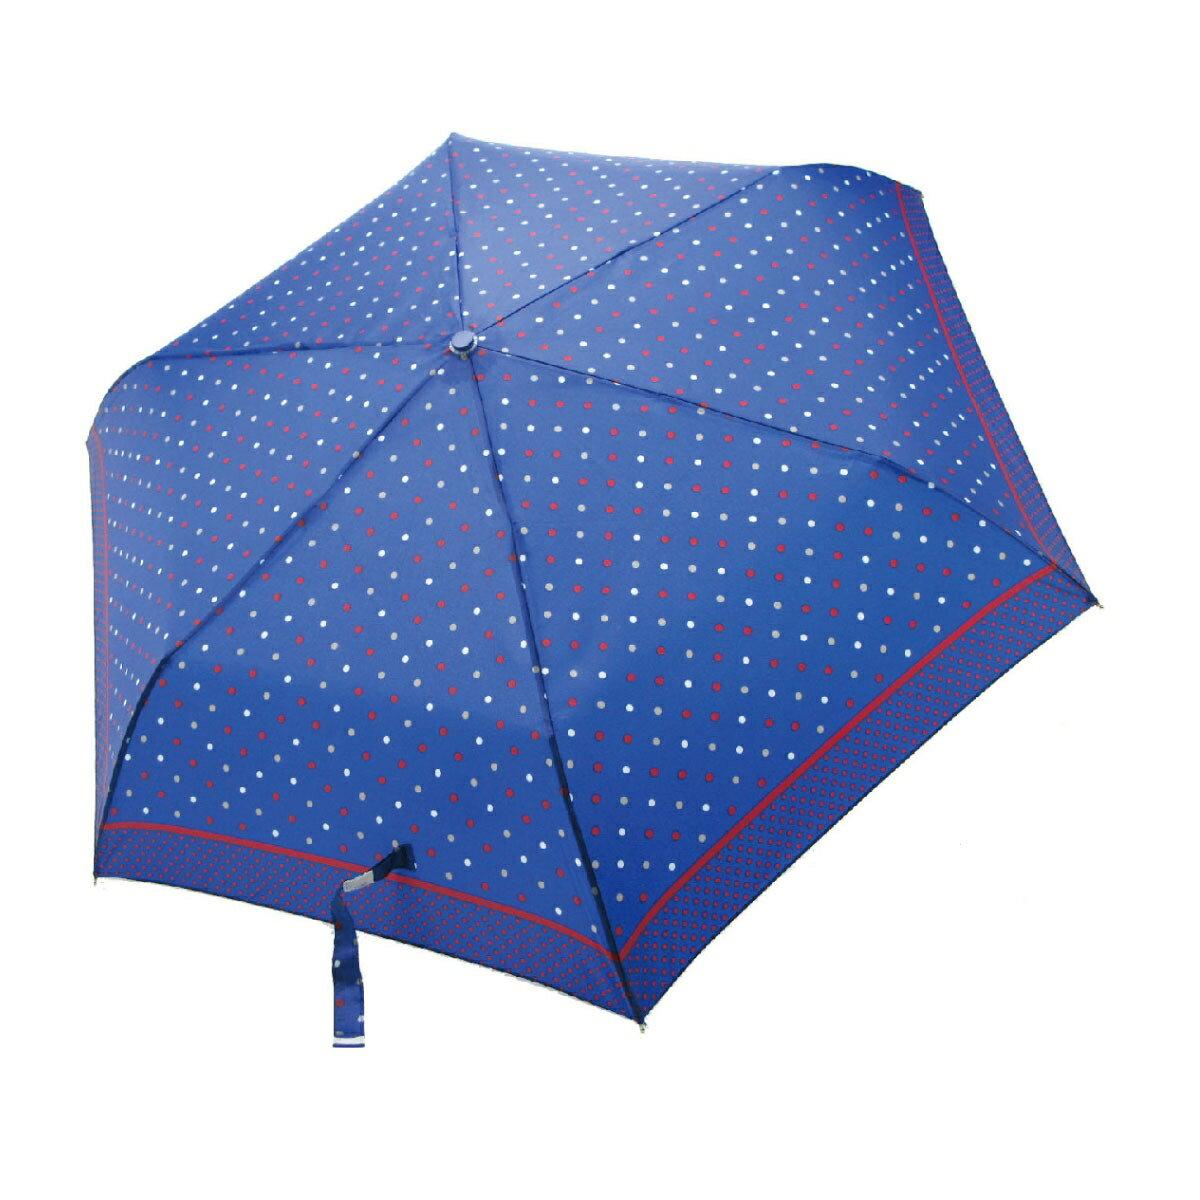 【iumbrella】晴雨兩用傘雨傘 折傘 圓點小彎勾-深藍點點